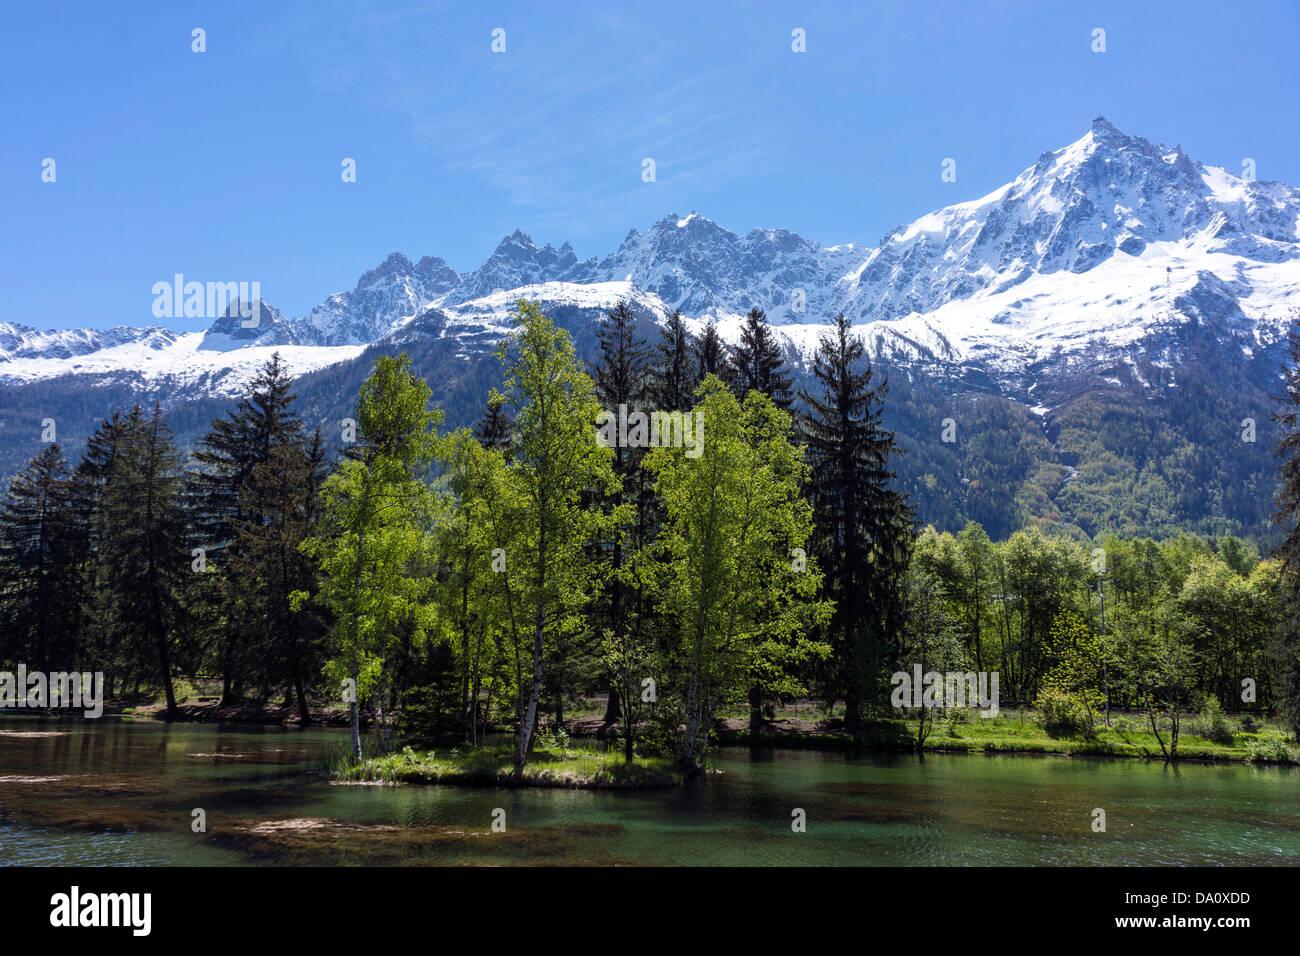 Chamonix Aiguilles and Aiguille du Midi from Lac des Gaillands, Chamonix, France Stock Photo